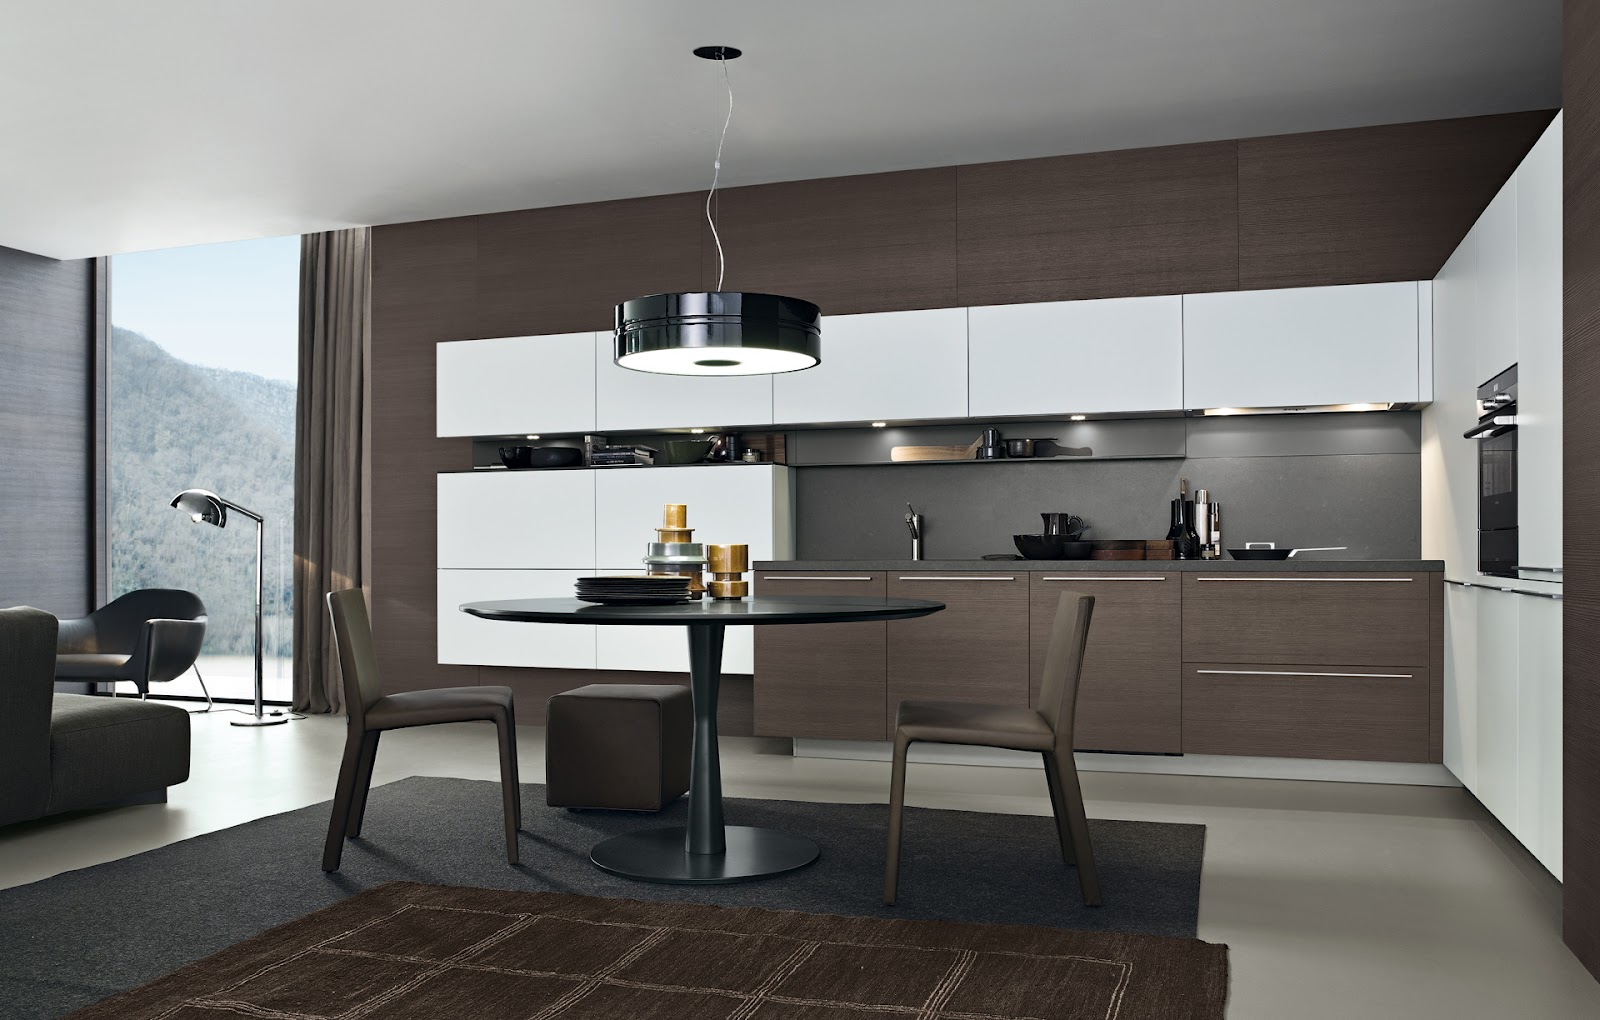 Lo claro y lo oscuro en la cocina cocinas con estilo for Muebles cocina chica